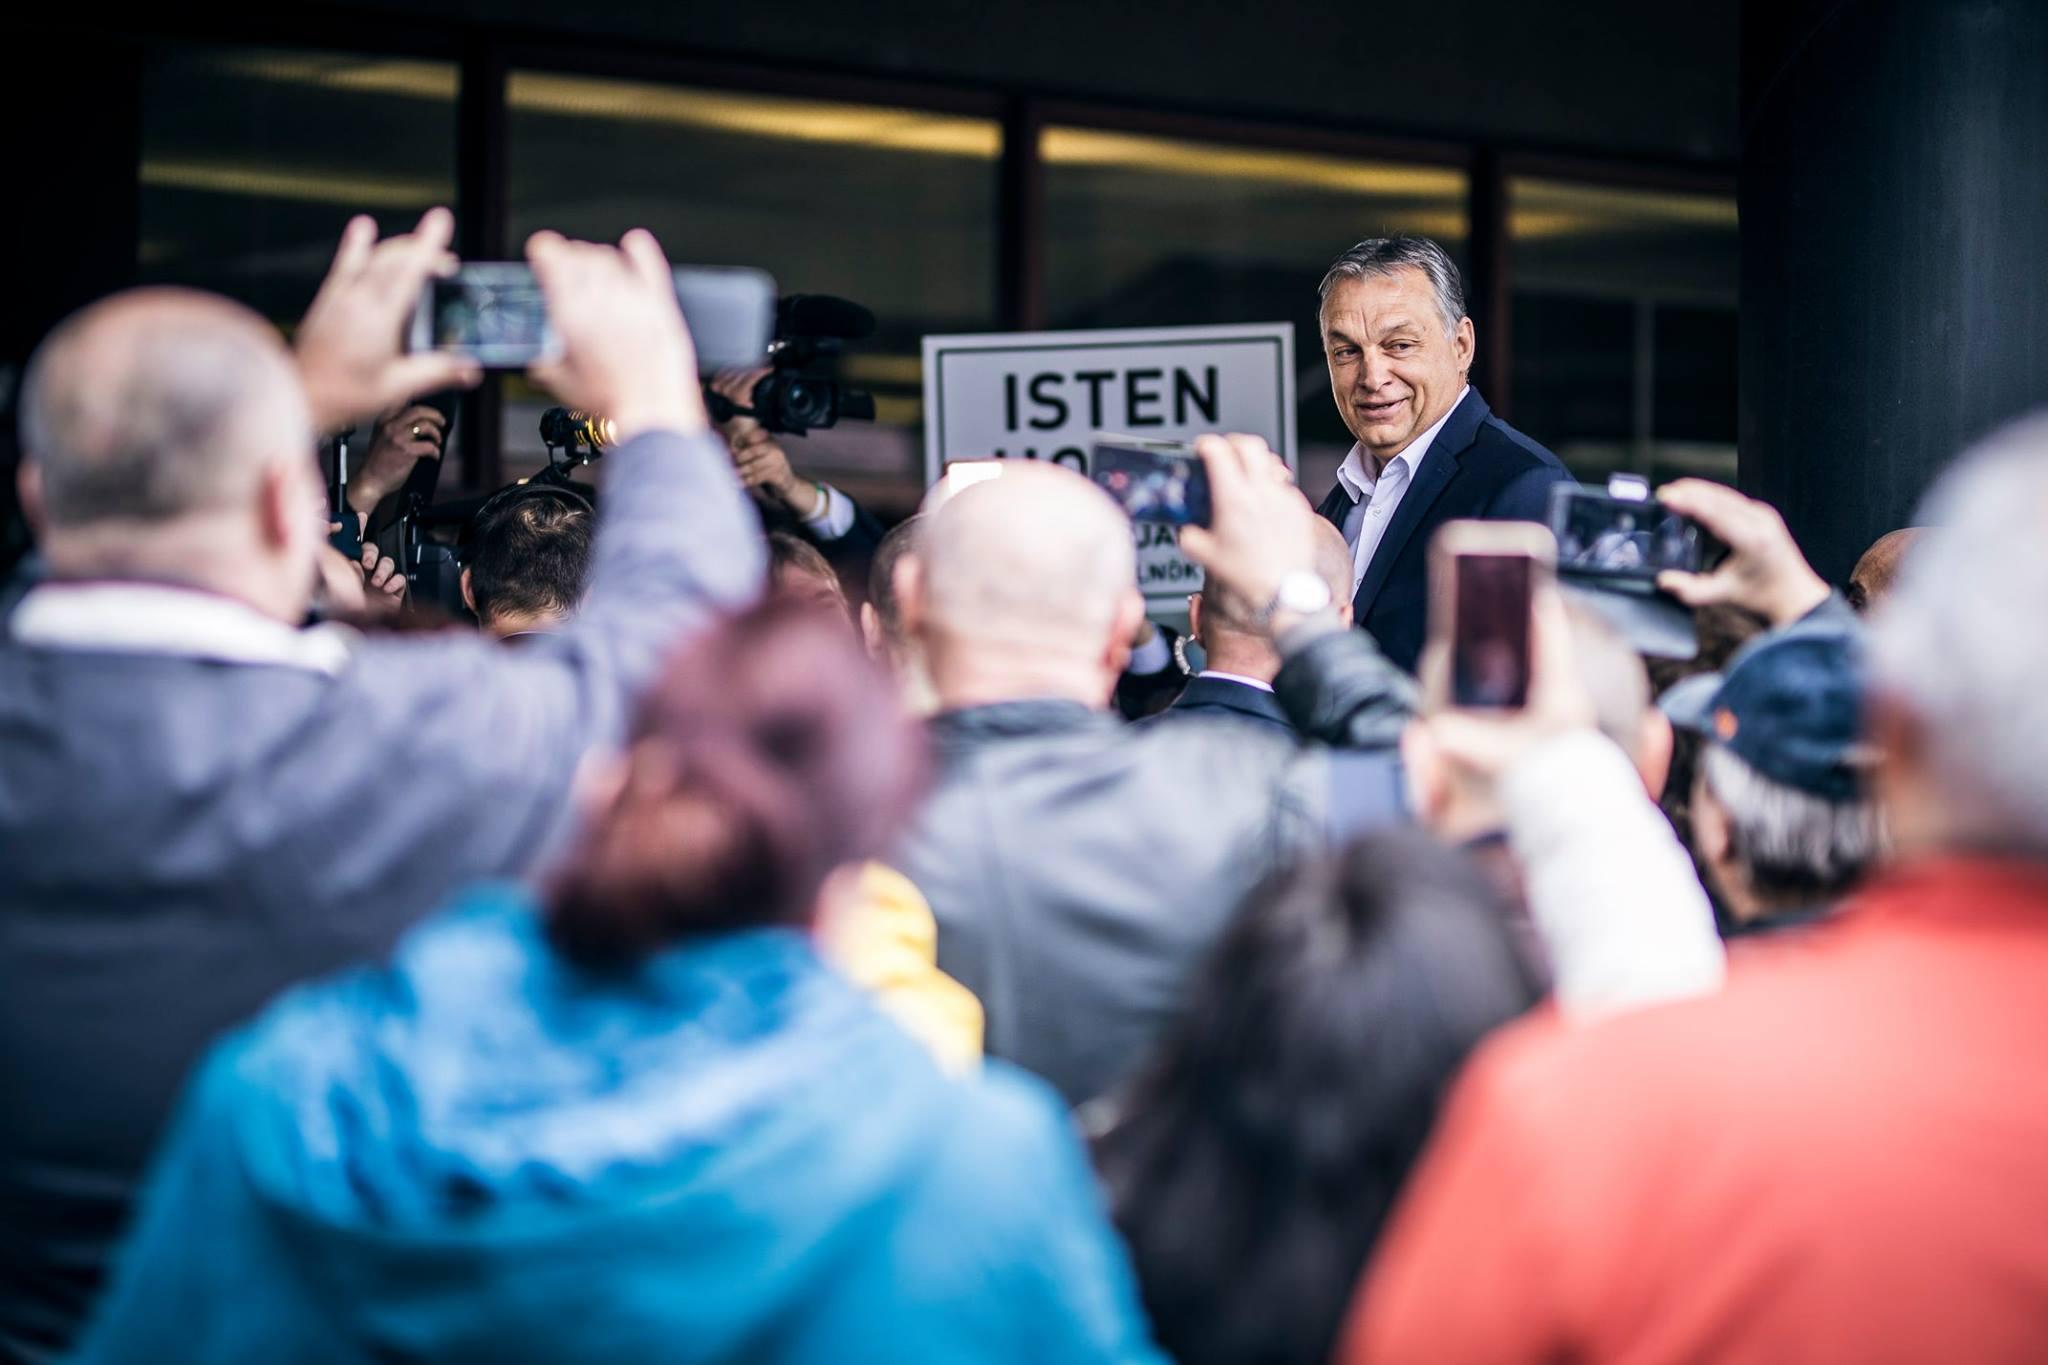 Isteni volt a hangulat Orbán salgótarjáni látogatásán